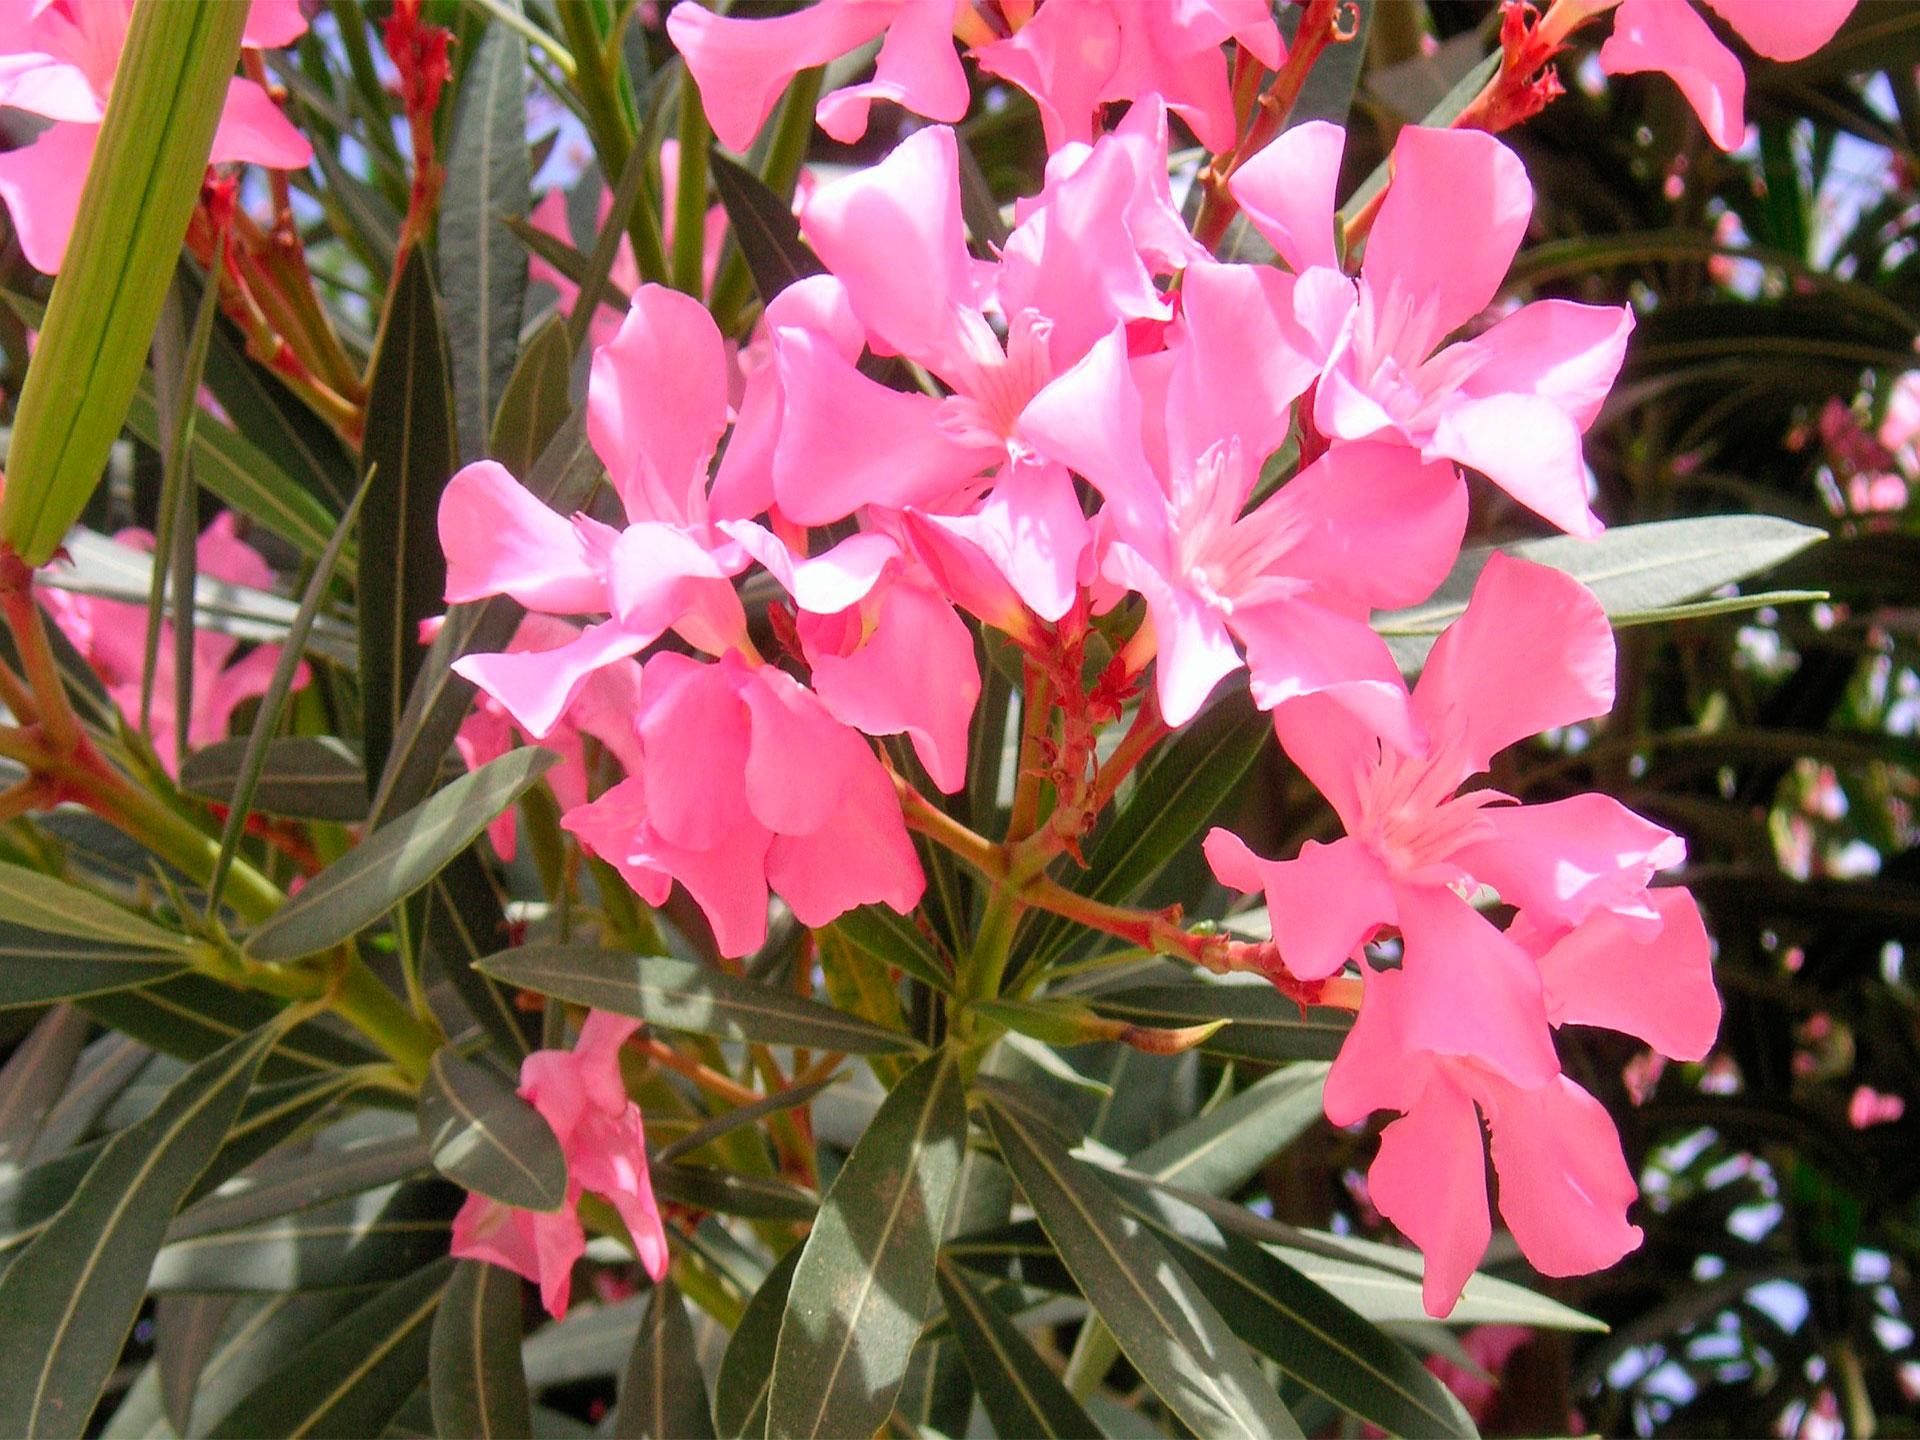 Flor de adelfa